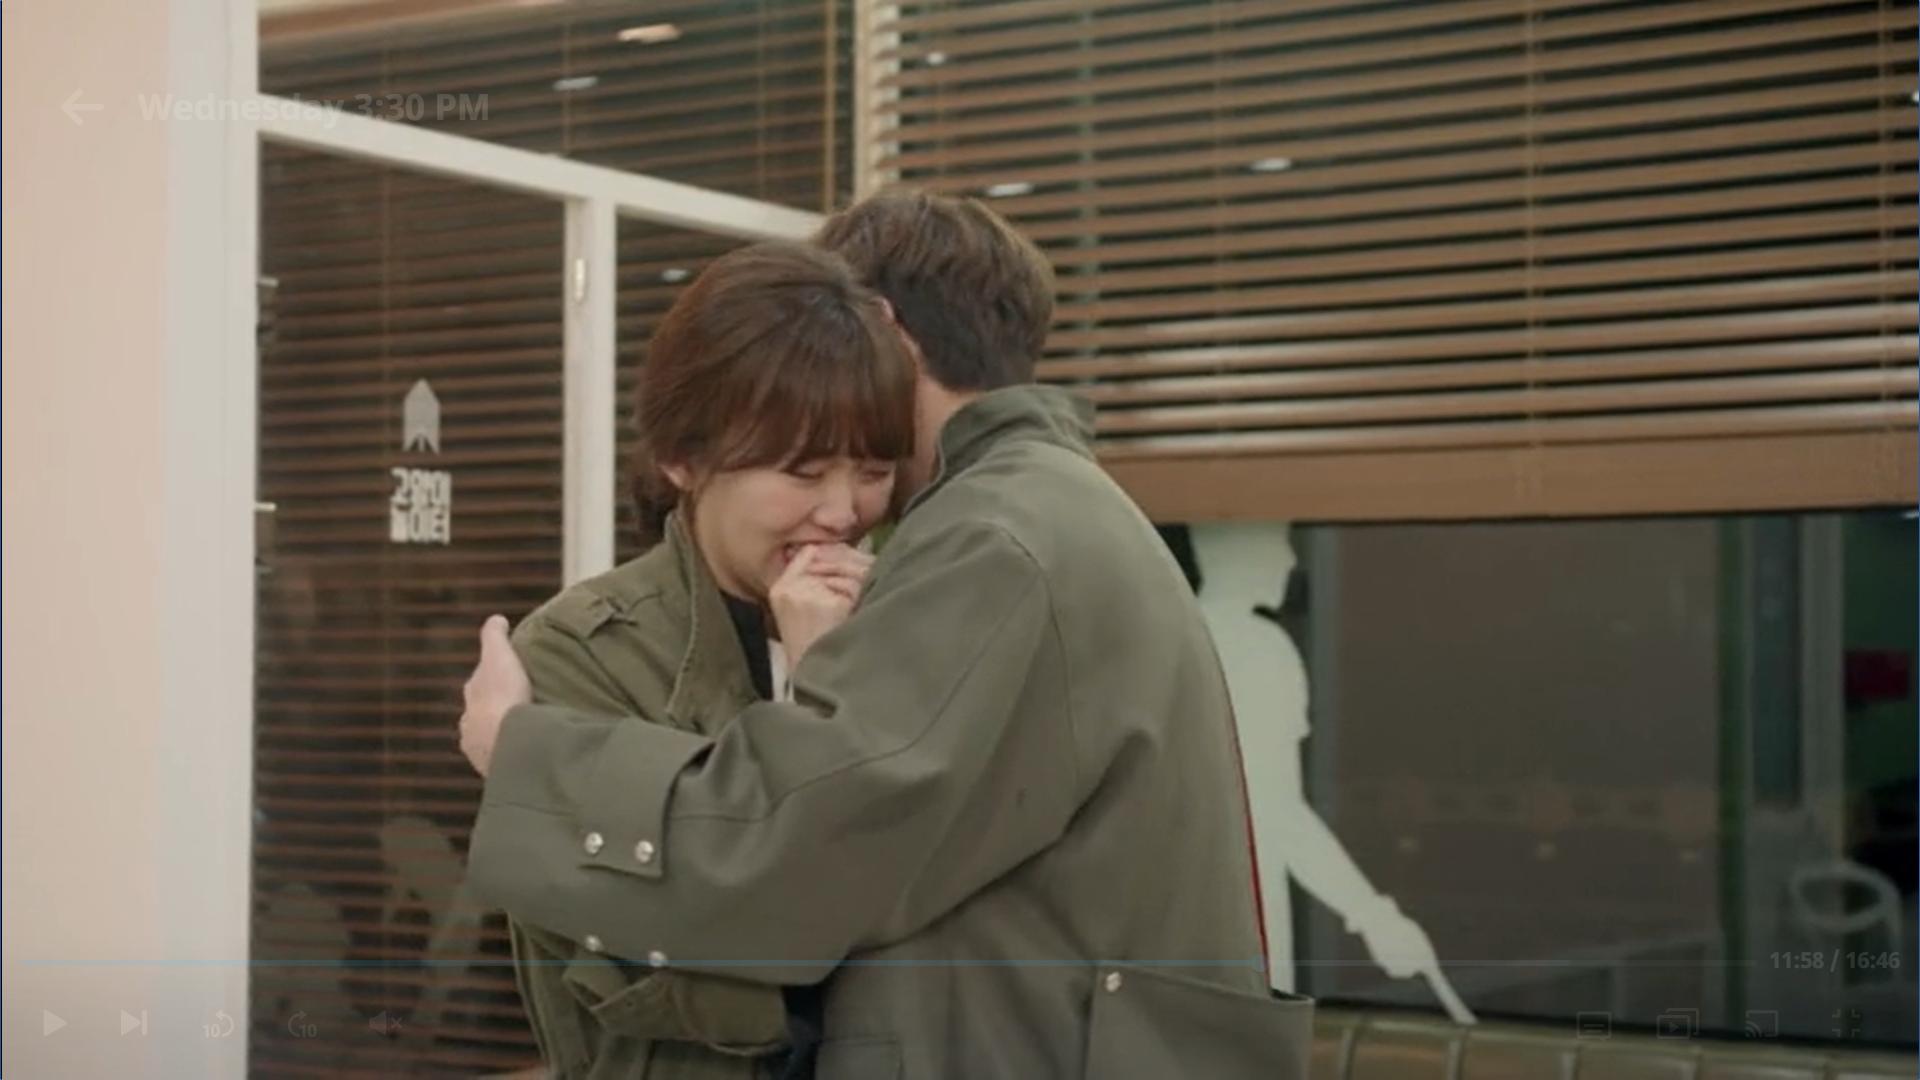 Wednesday 3:30 PM Seon Eun-woo and Yoon Jae-won hugging at the vet